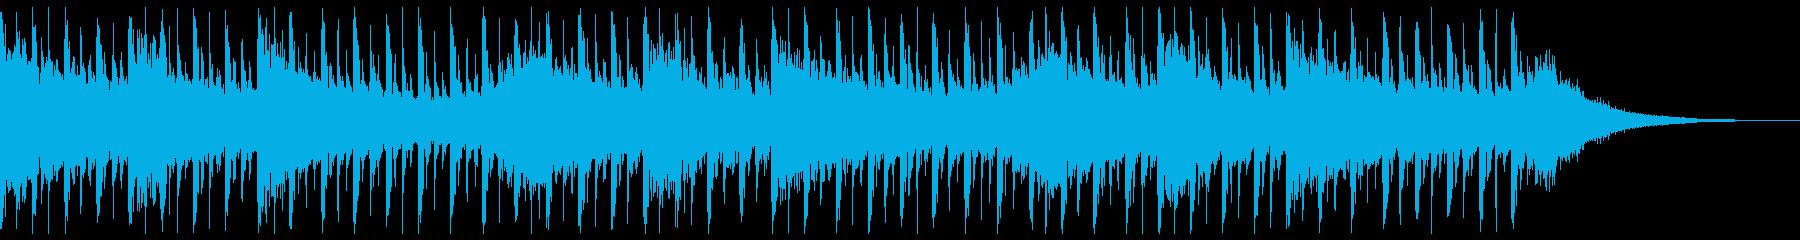 説明(30秒)の再生済みの波形